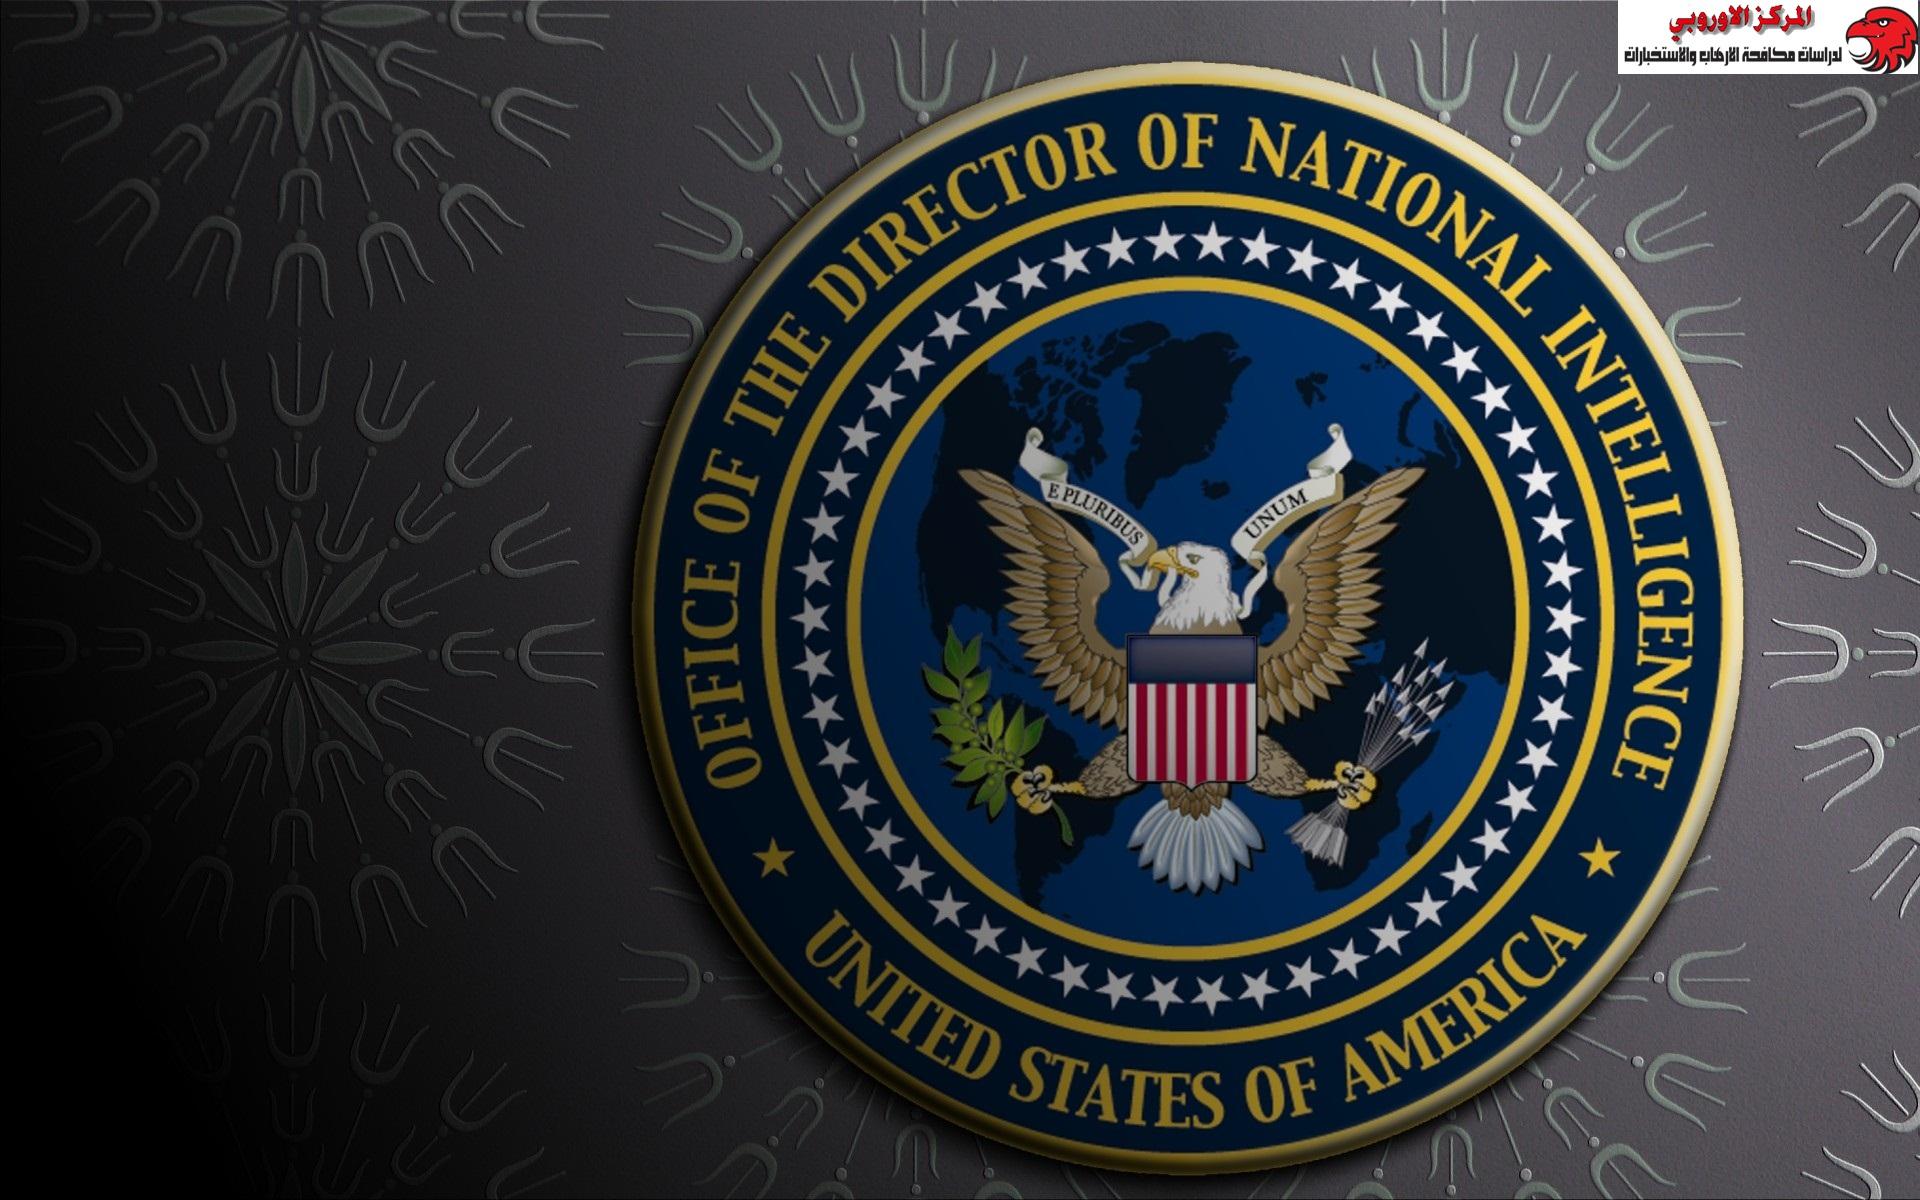 الإستخبارات والباراسايكلوجيا : إستشعار المخاطر وقدرة على تجنيد المصادر. بقلم بشير الوندي